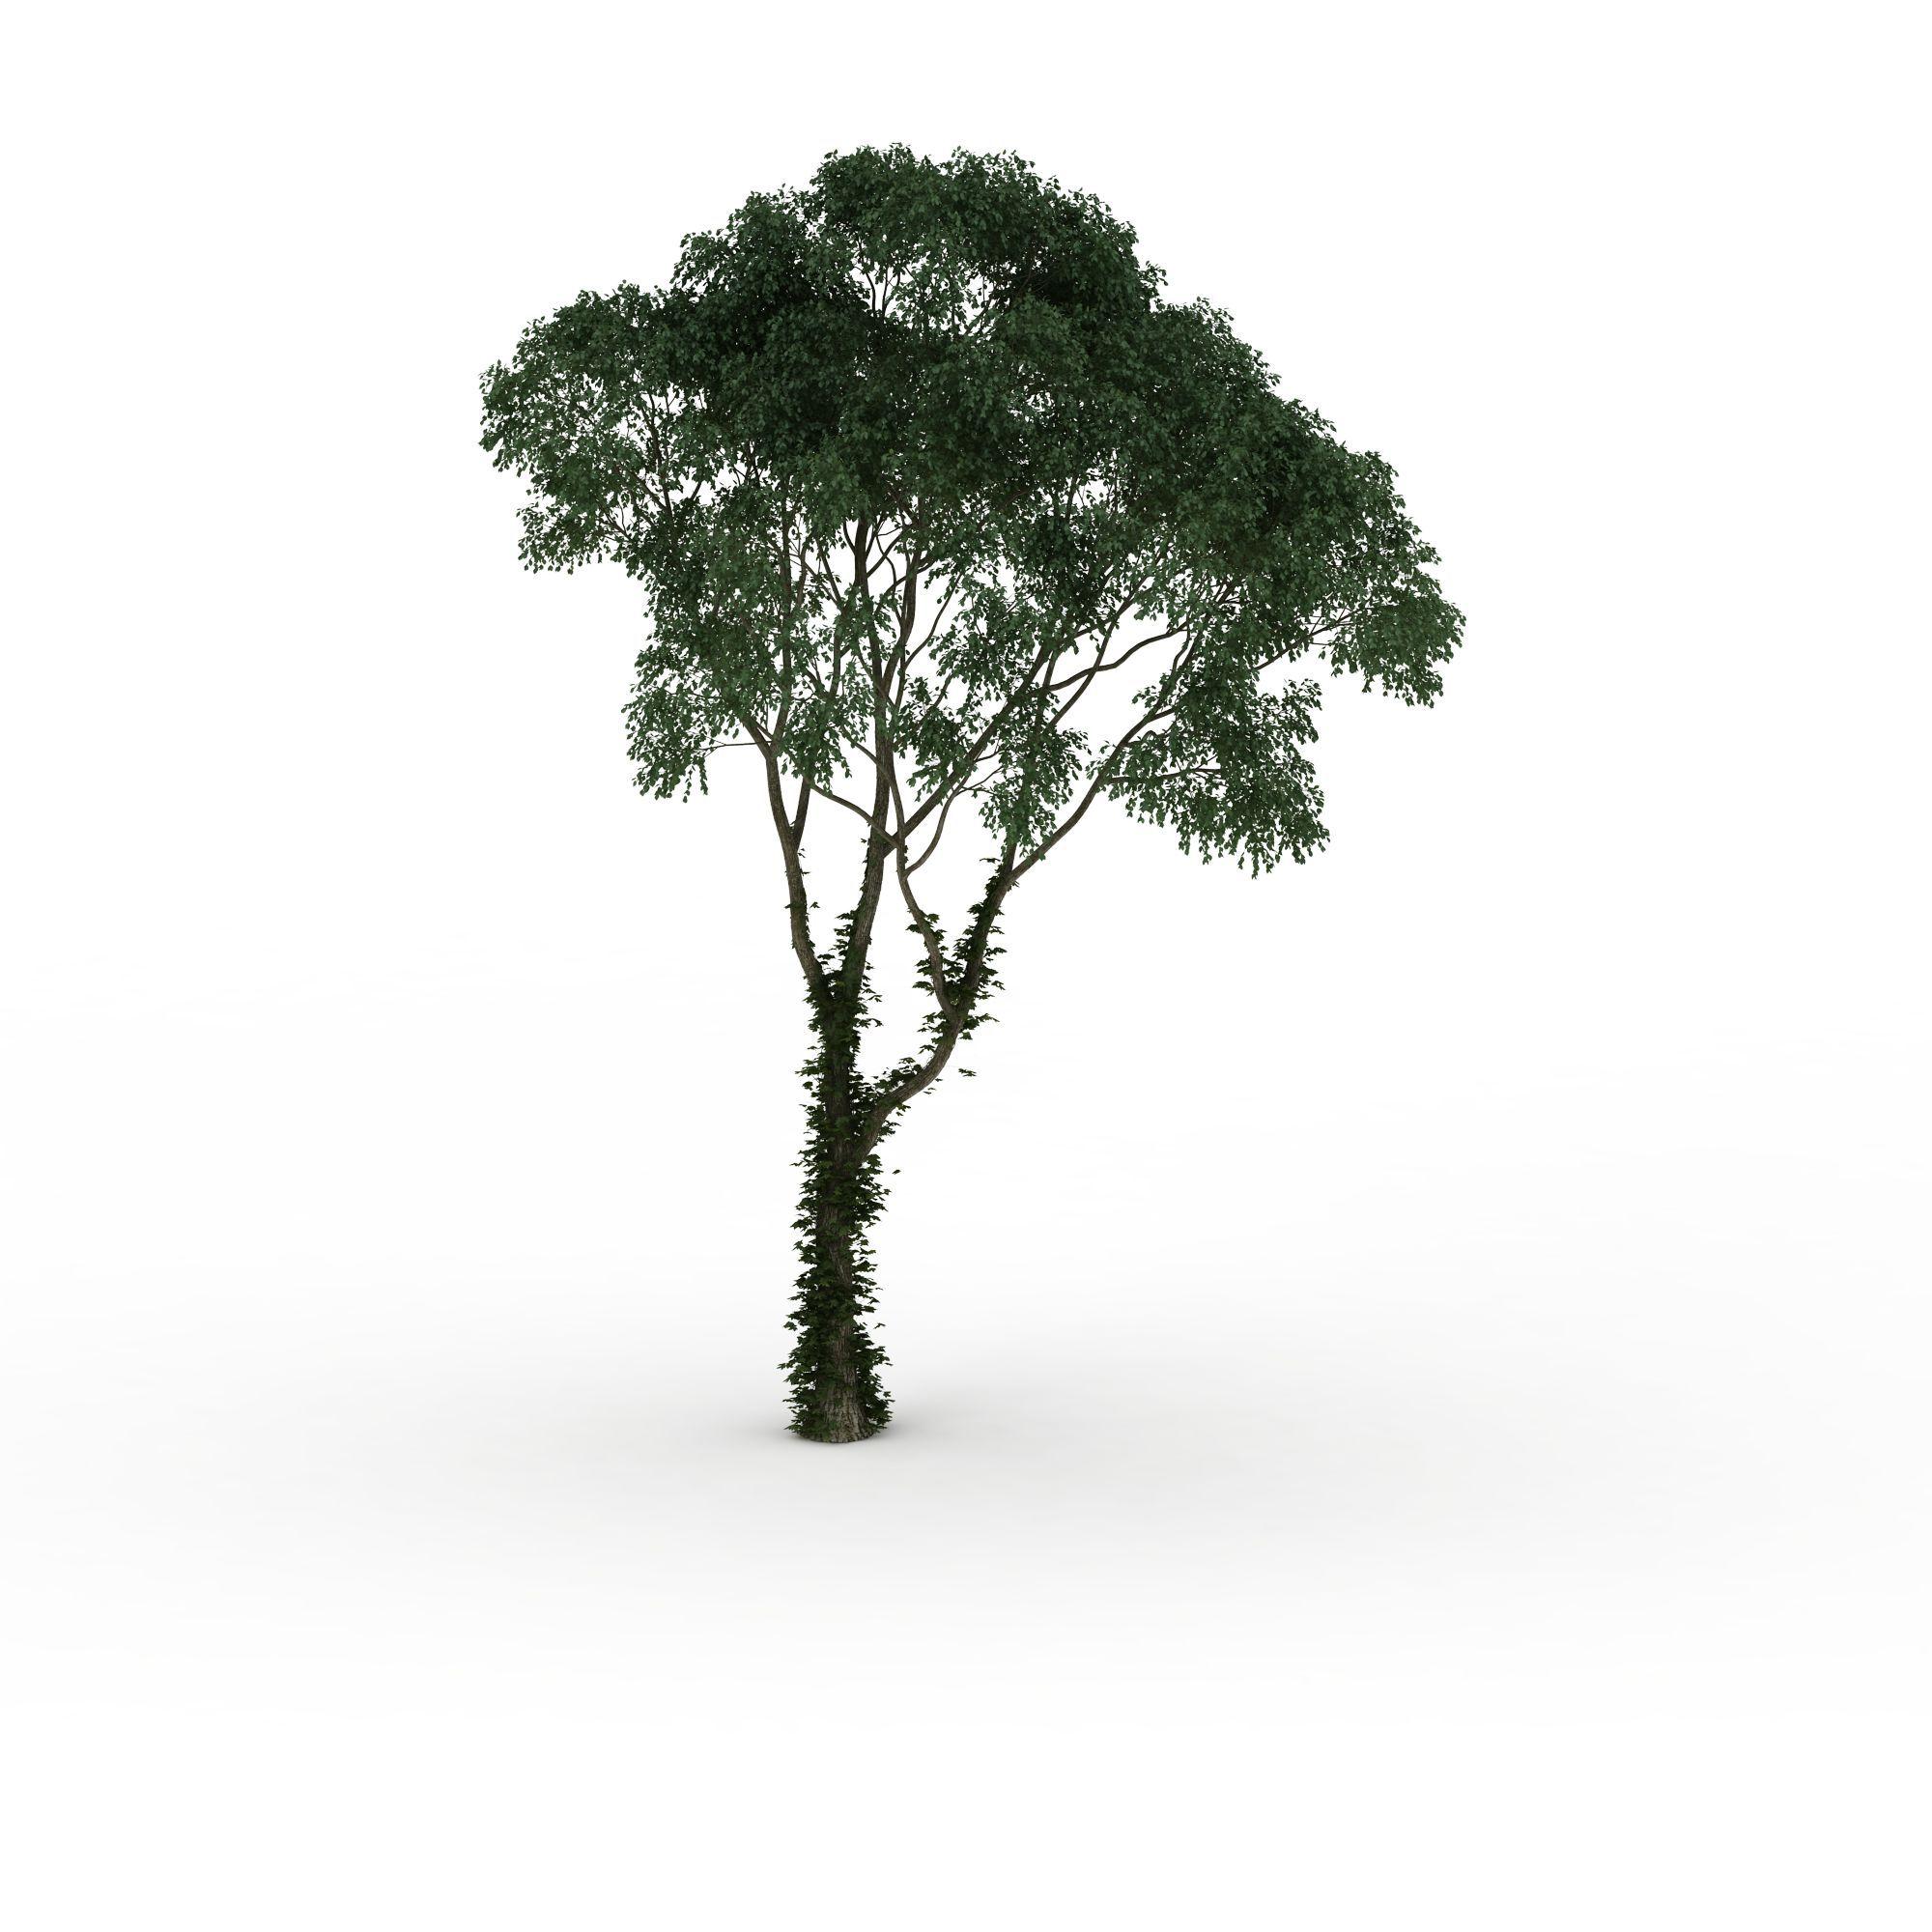 茂盛伞状树木高清图下载